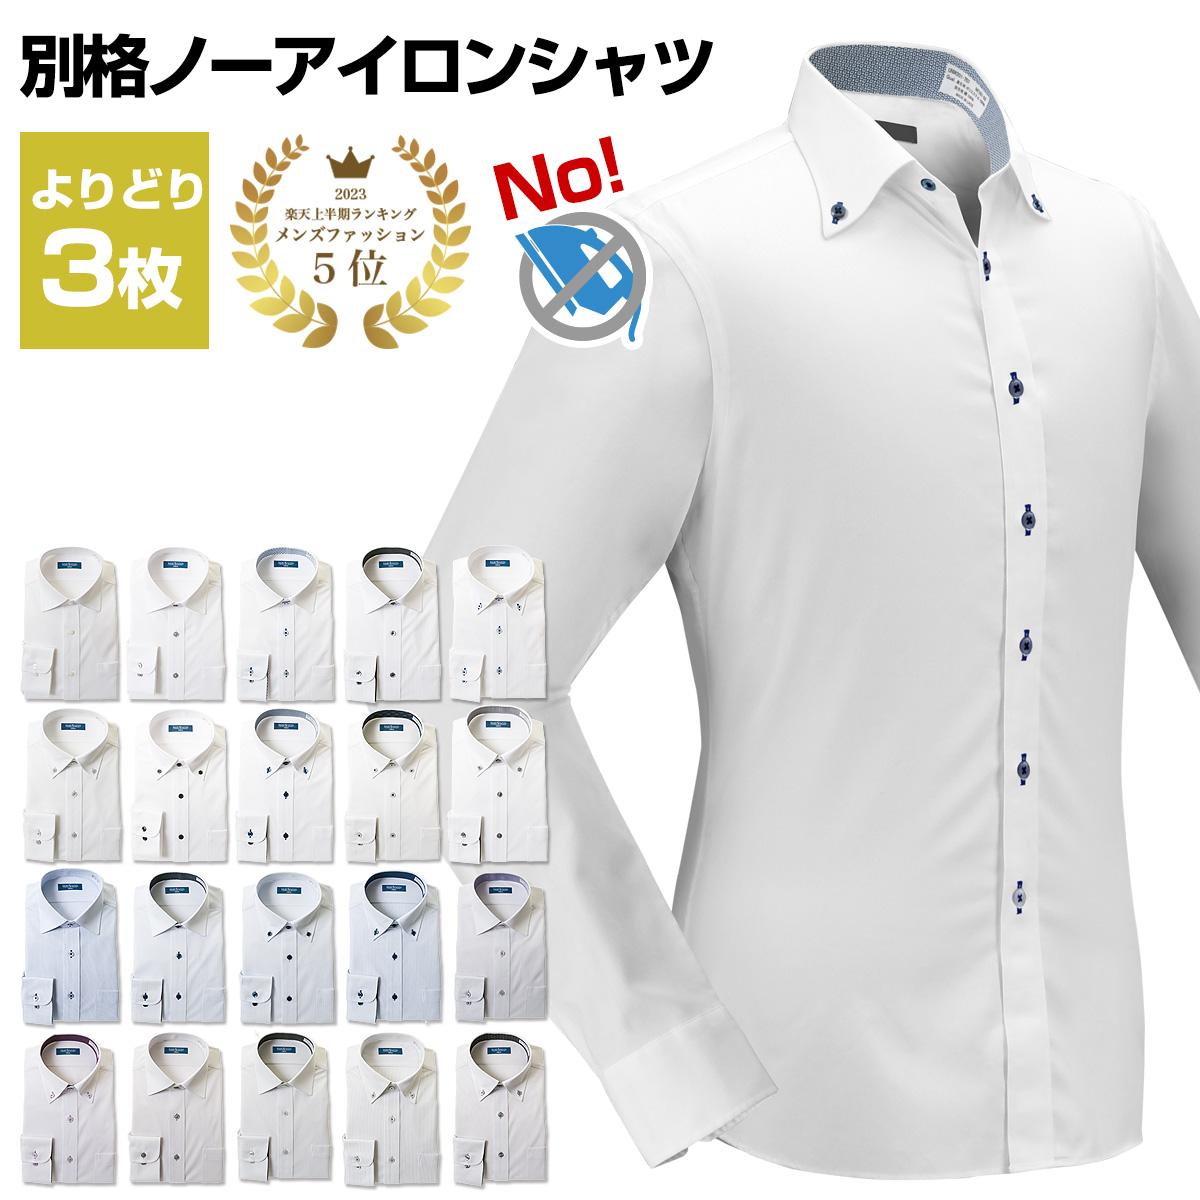 別格の形態安定性をお試しください 3枚 セット メンズ 長袖 スリム 標準体 形態安定 ノンアイロン 時間指定不可 メンズワイシャツ ボタンダウン Yシャツ 10par ビジネスシャツ C-別格ノーアイロンシャツ 1枚あたり1 2108ft 999円 ※裄つめ不可 ニットシャツ ワイシャツ 20par 売れ筋ランキング ビジネス 3枚セット